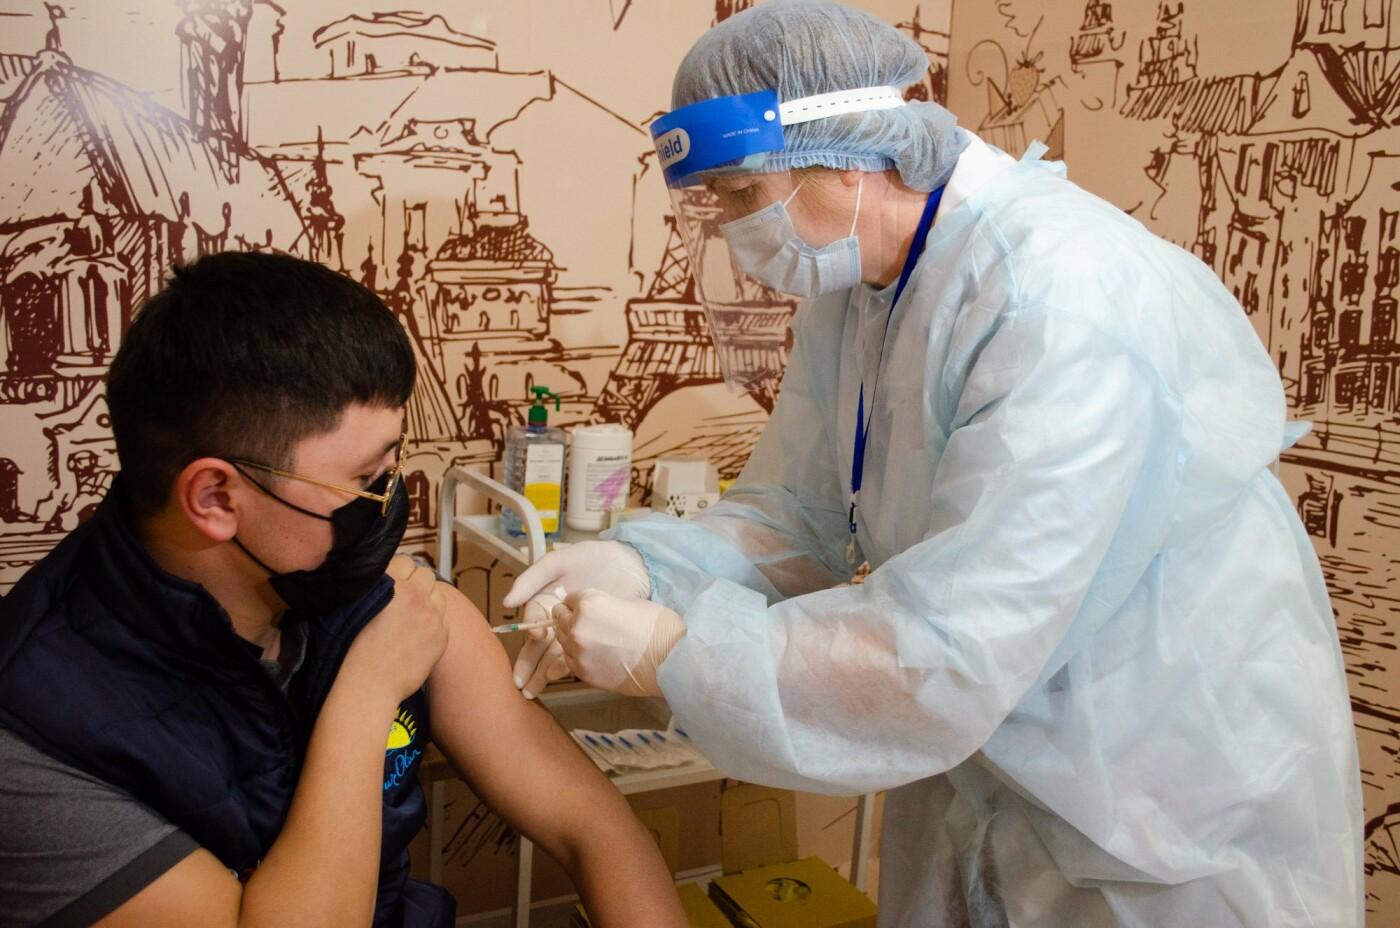 Как в ТРЦ Алматы проходит массовая вакцинация казахстанской вакциной QazVac, фото-11